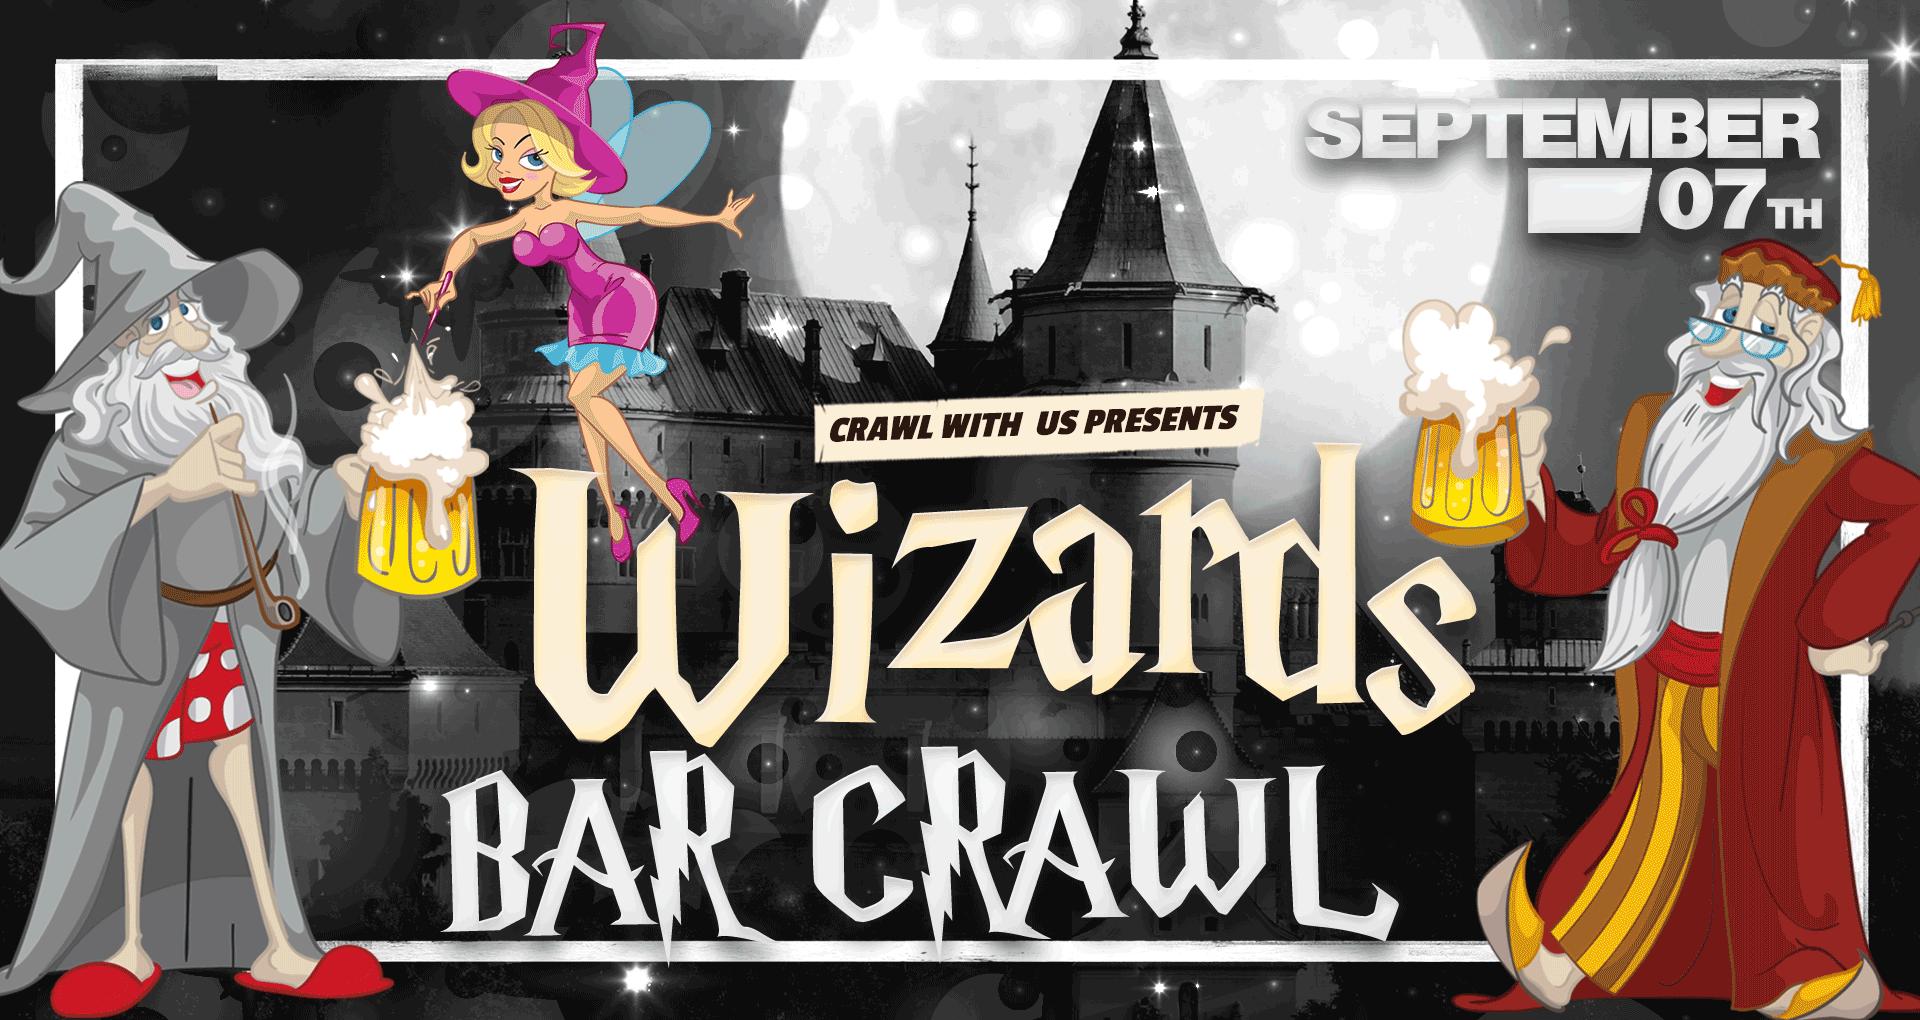 2018-09-07---1920x1020-WizardsBarCrawl.png